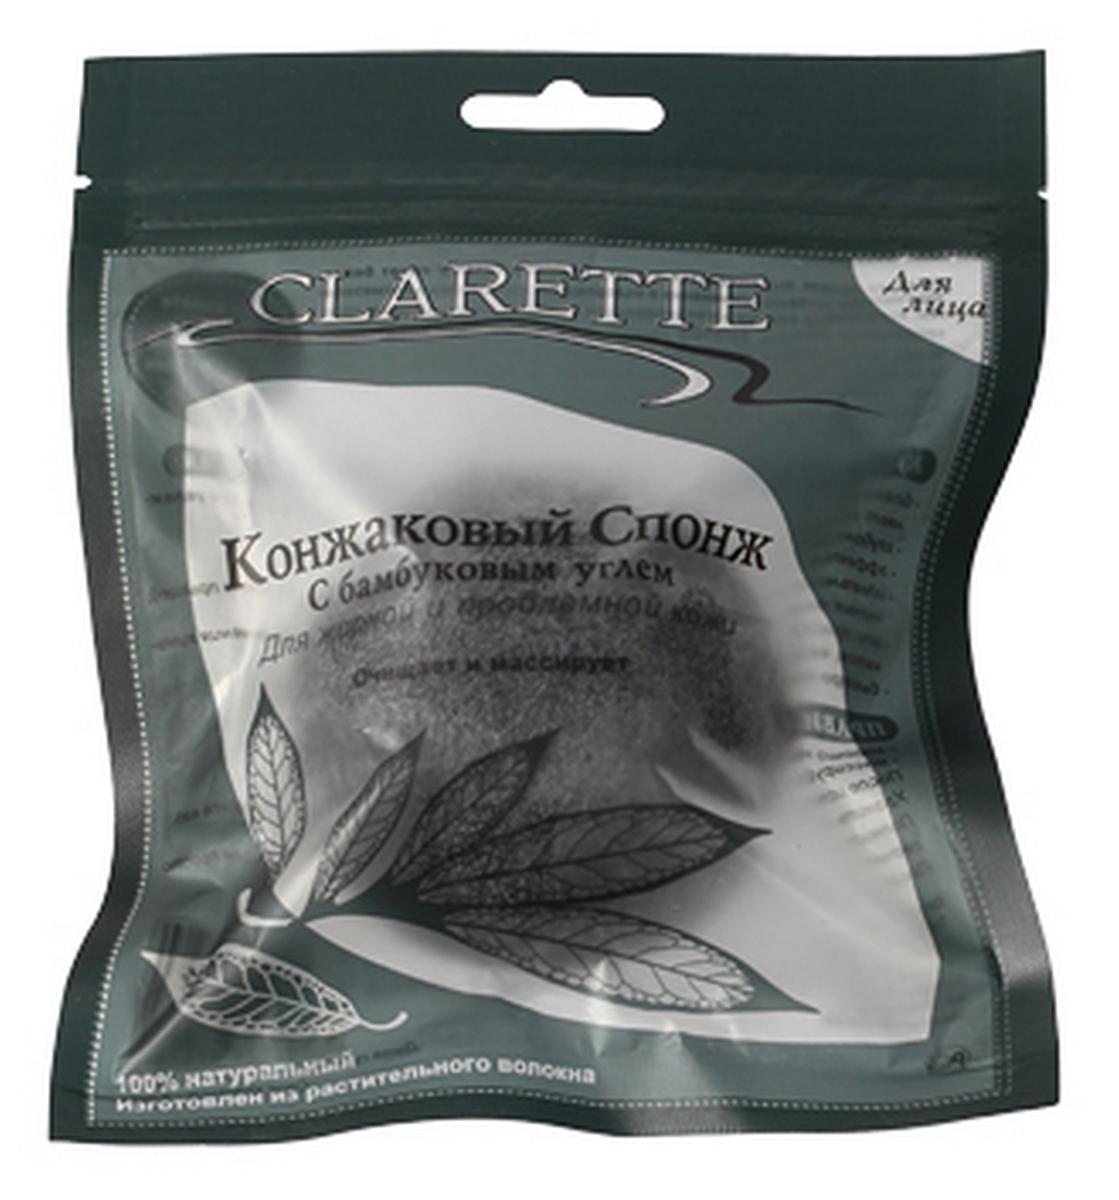 Clarette Конжаковый спонж с бамбуковым углем для лица,черный